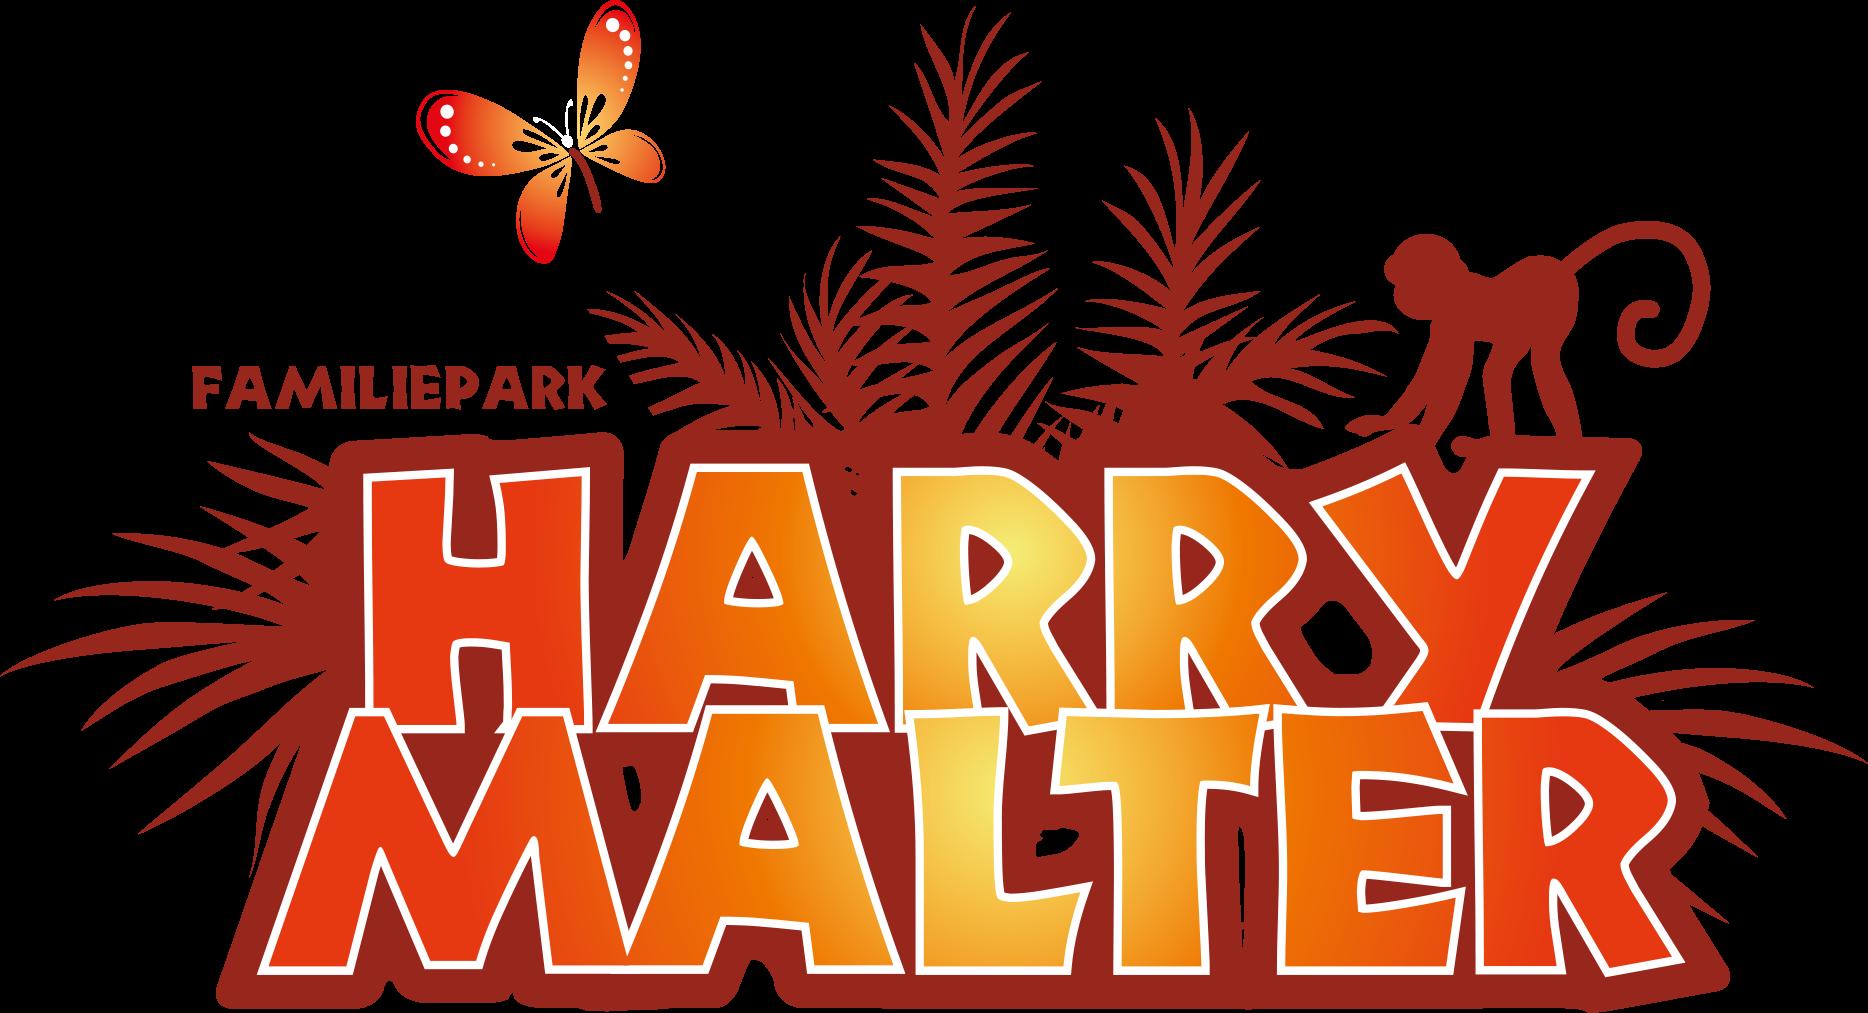 Harry Malter